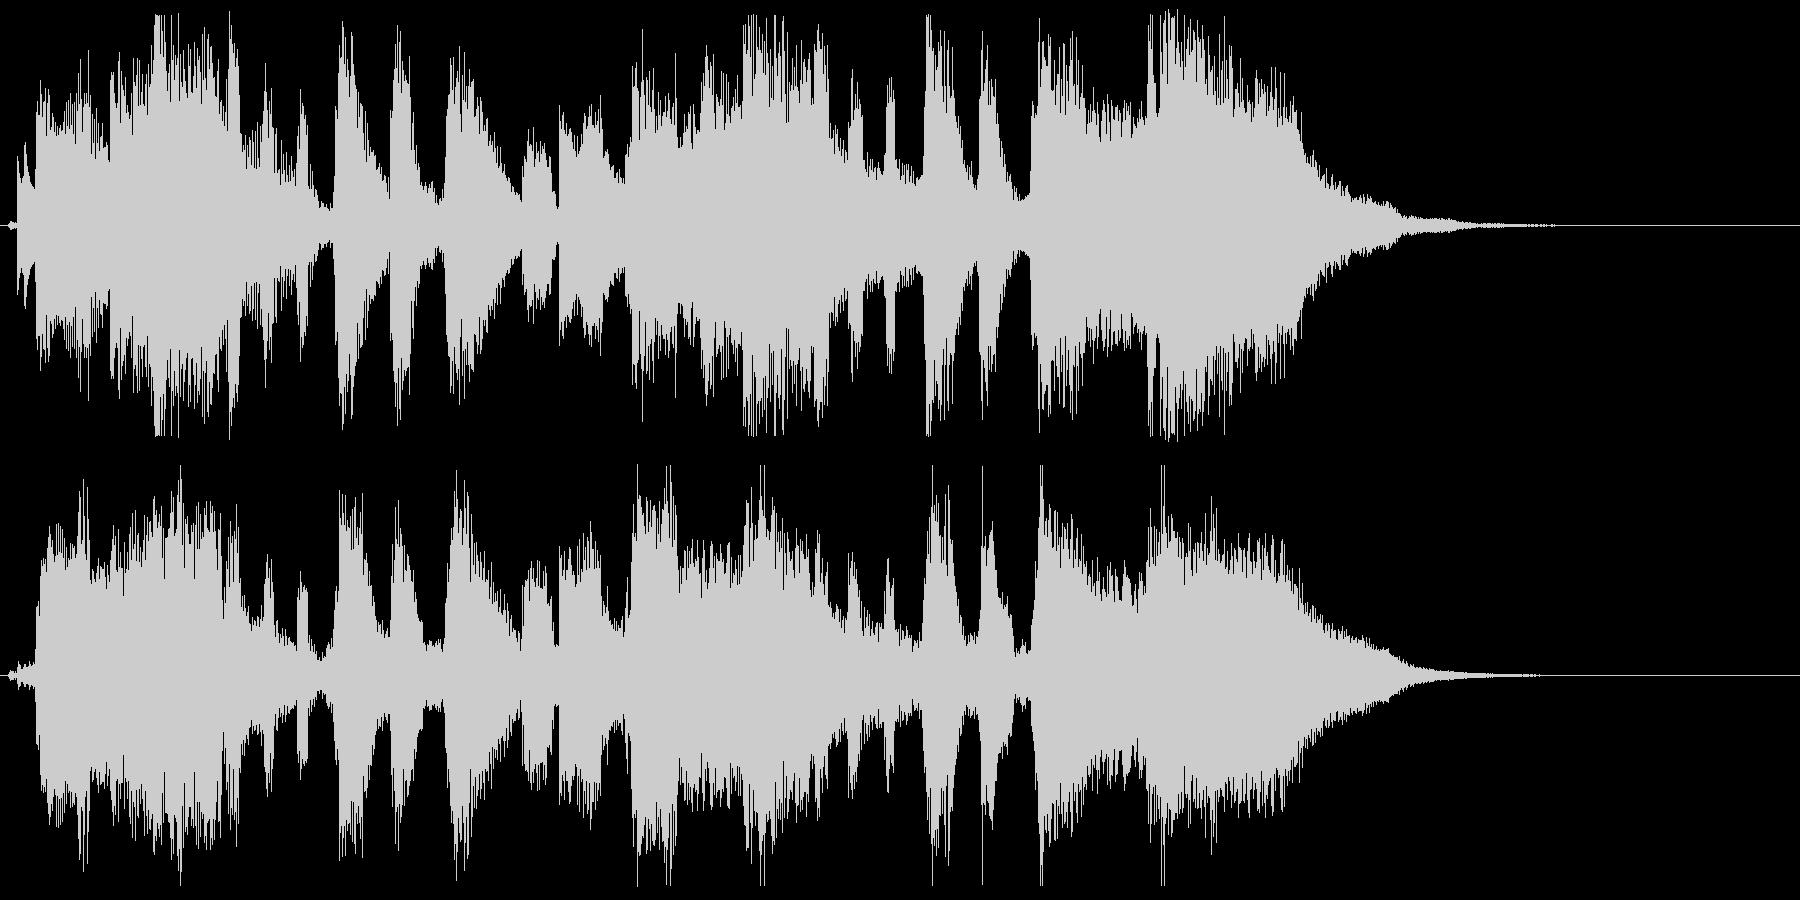 ポップ.キュート.ピアノと歌.ジングルの未再生の波形